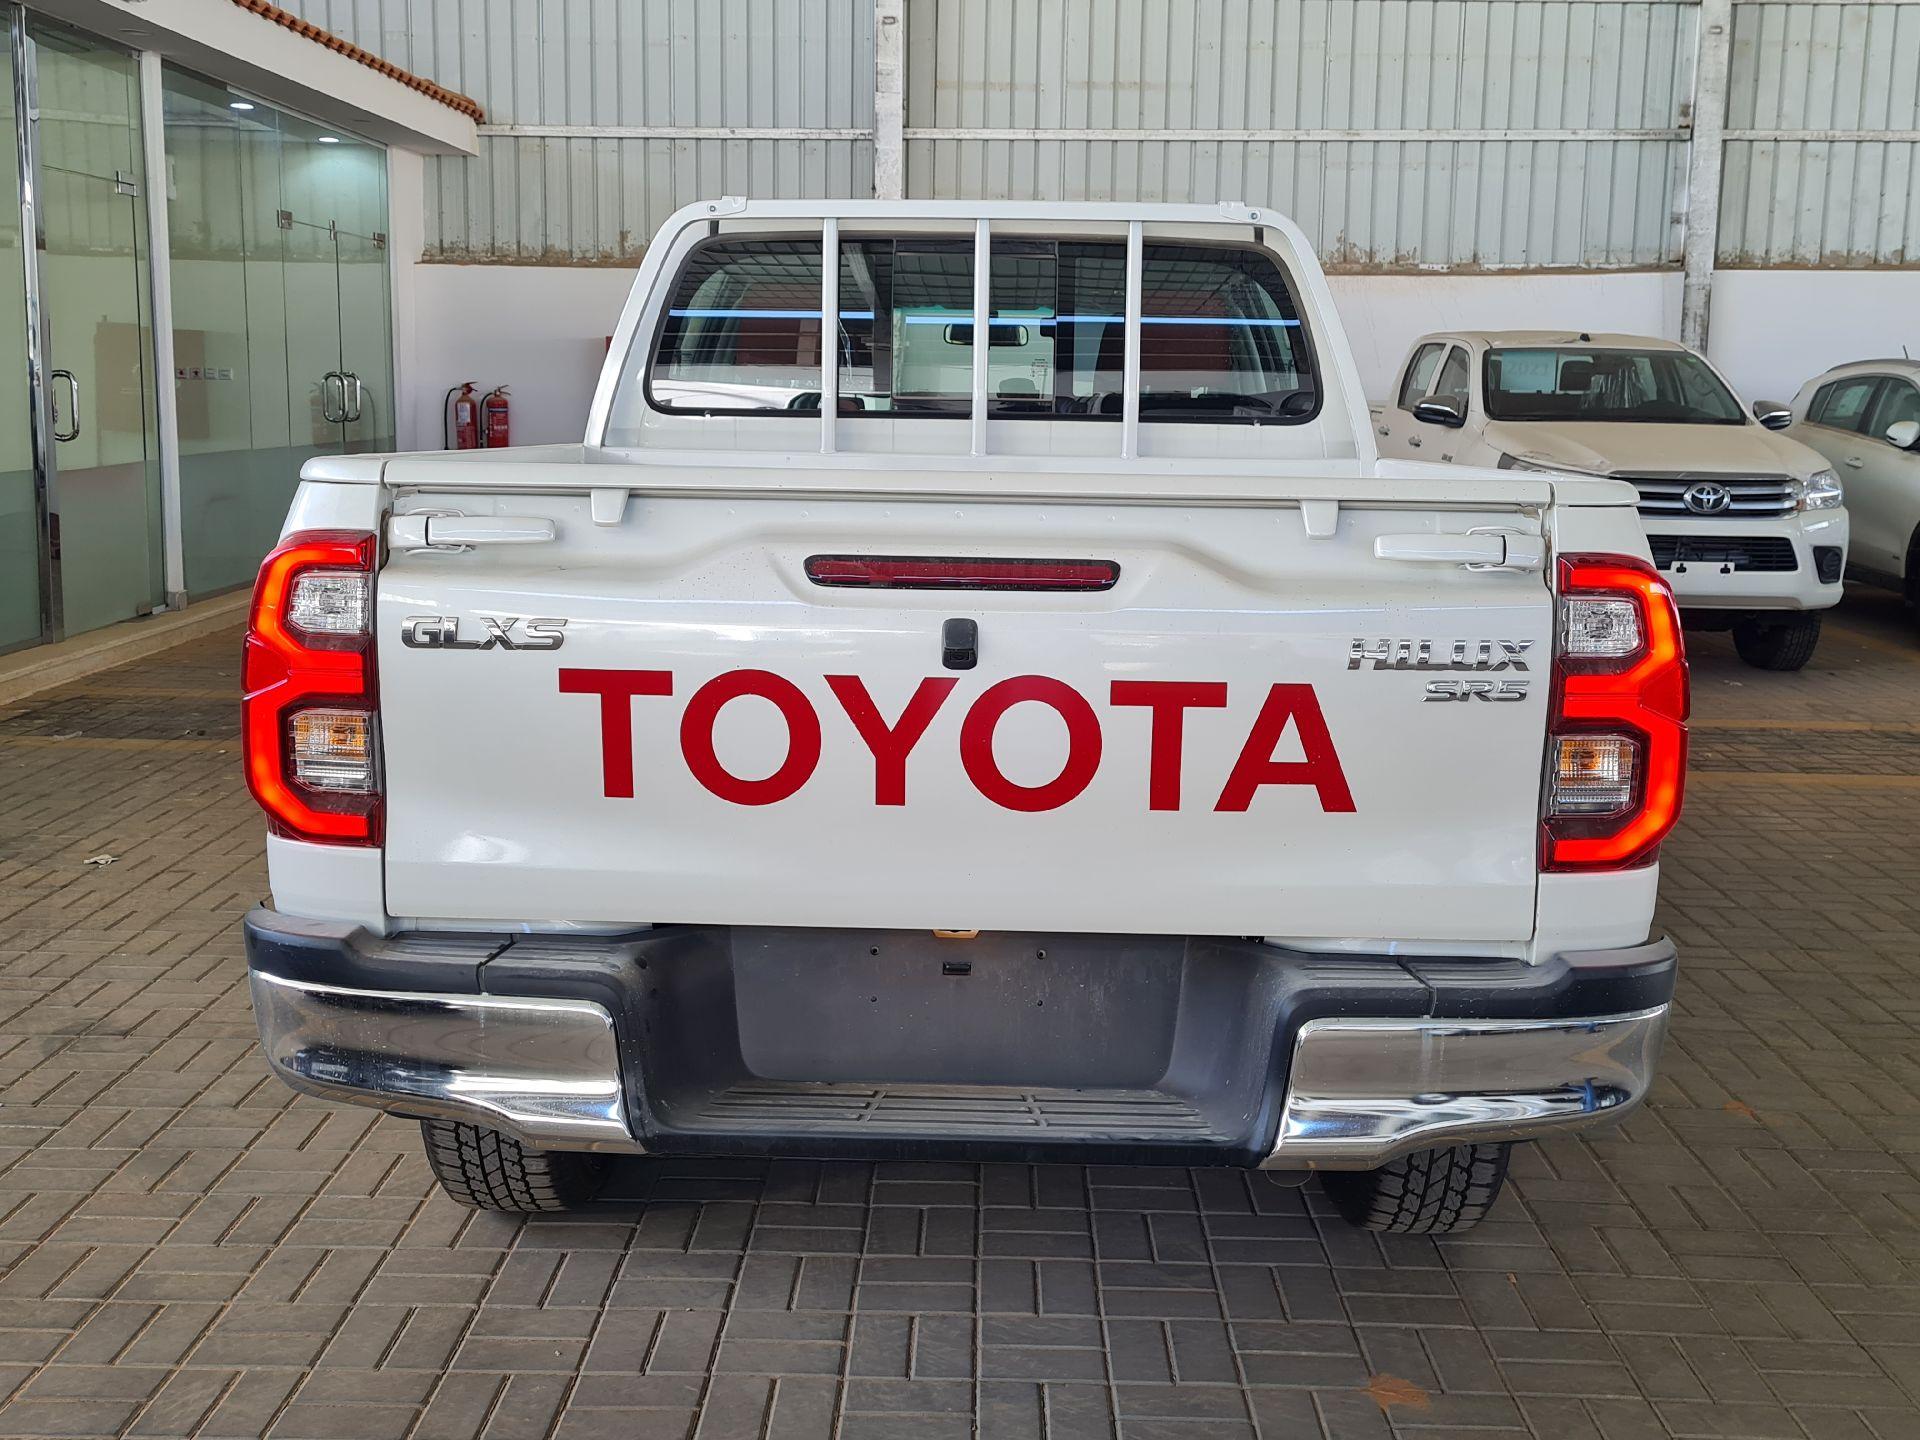 تويوتا هايلكس GLX.S 2021 فل بريمي للبيع في الرياض - السعودية - صورة كبيرة - 6